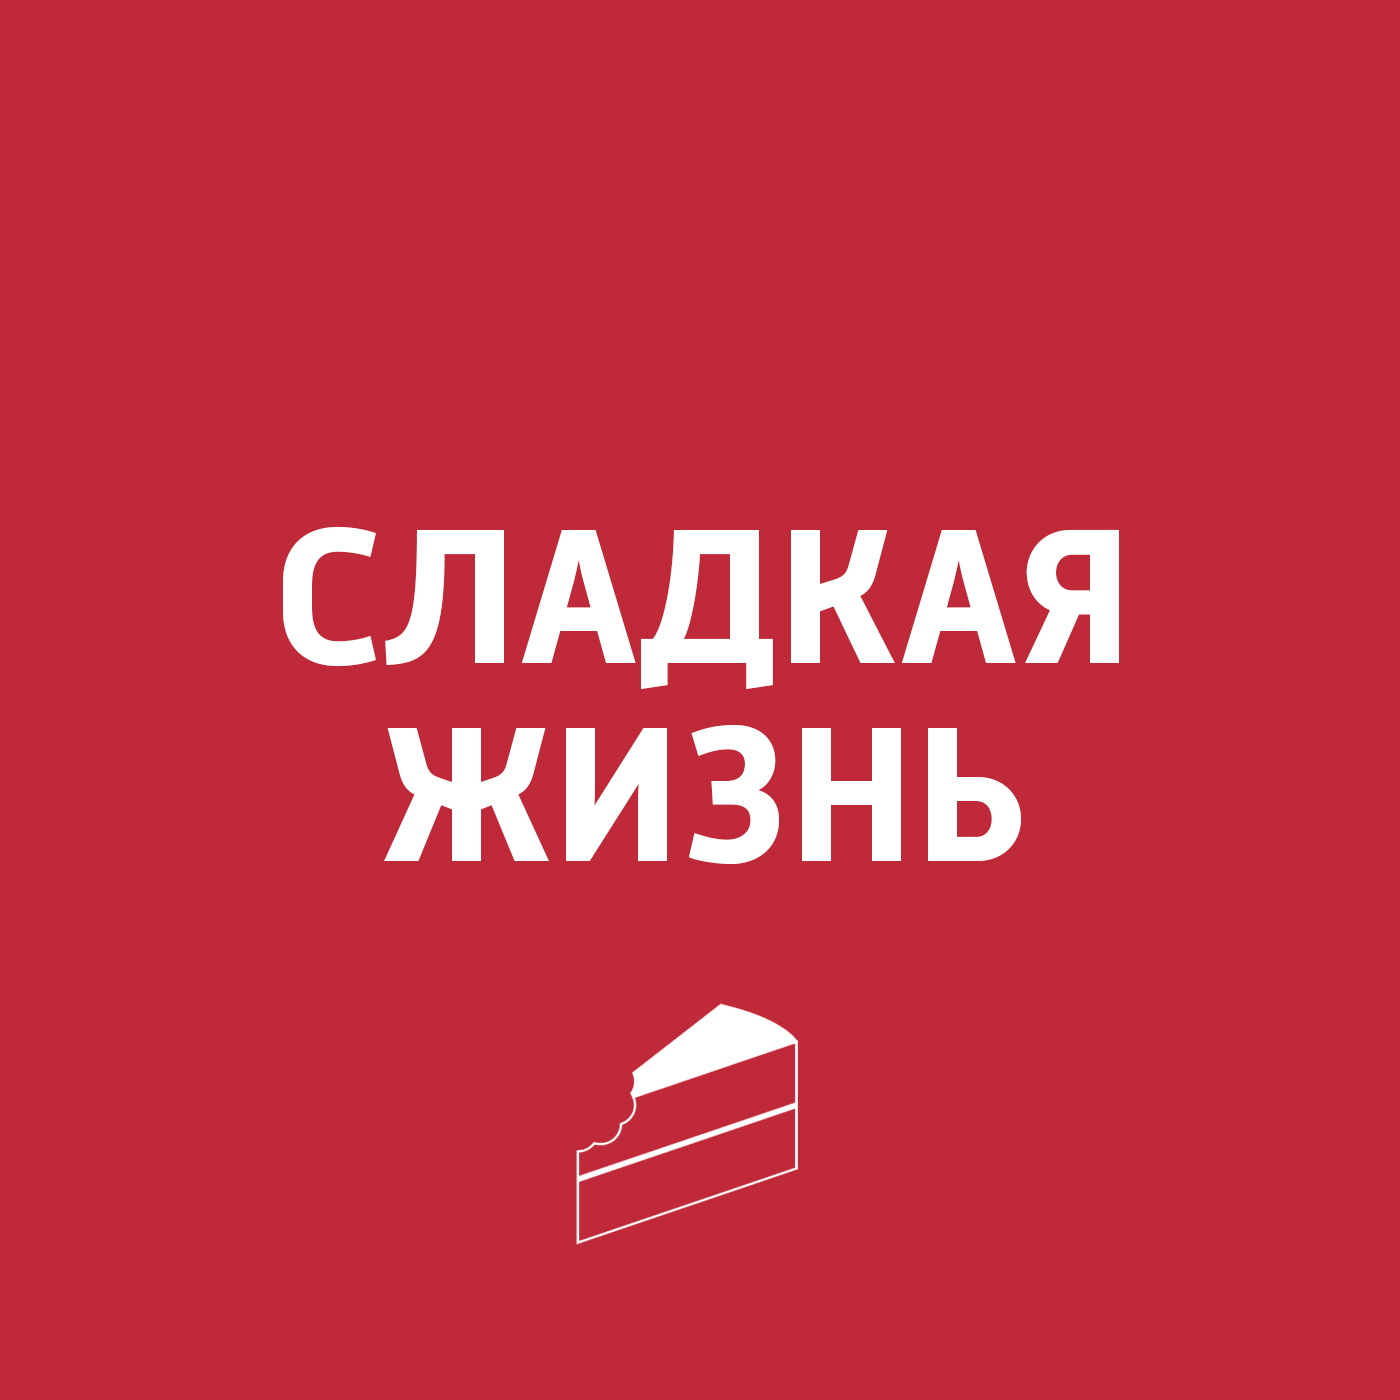 Картаев Павел История пончиков картаев павел история пончиков